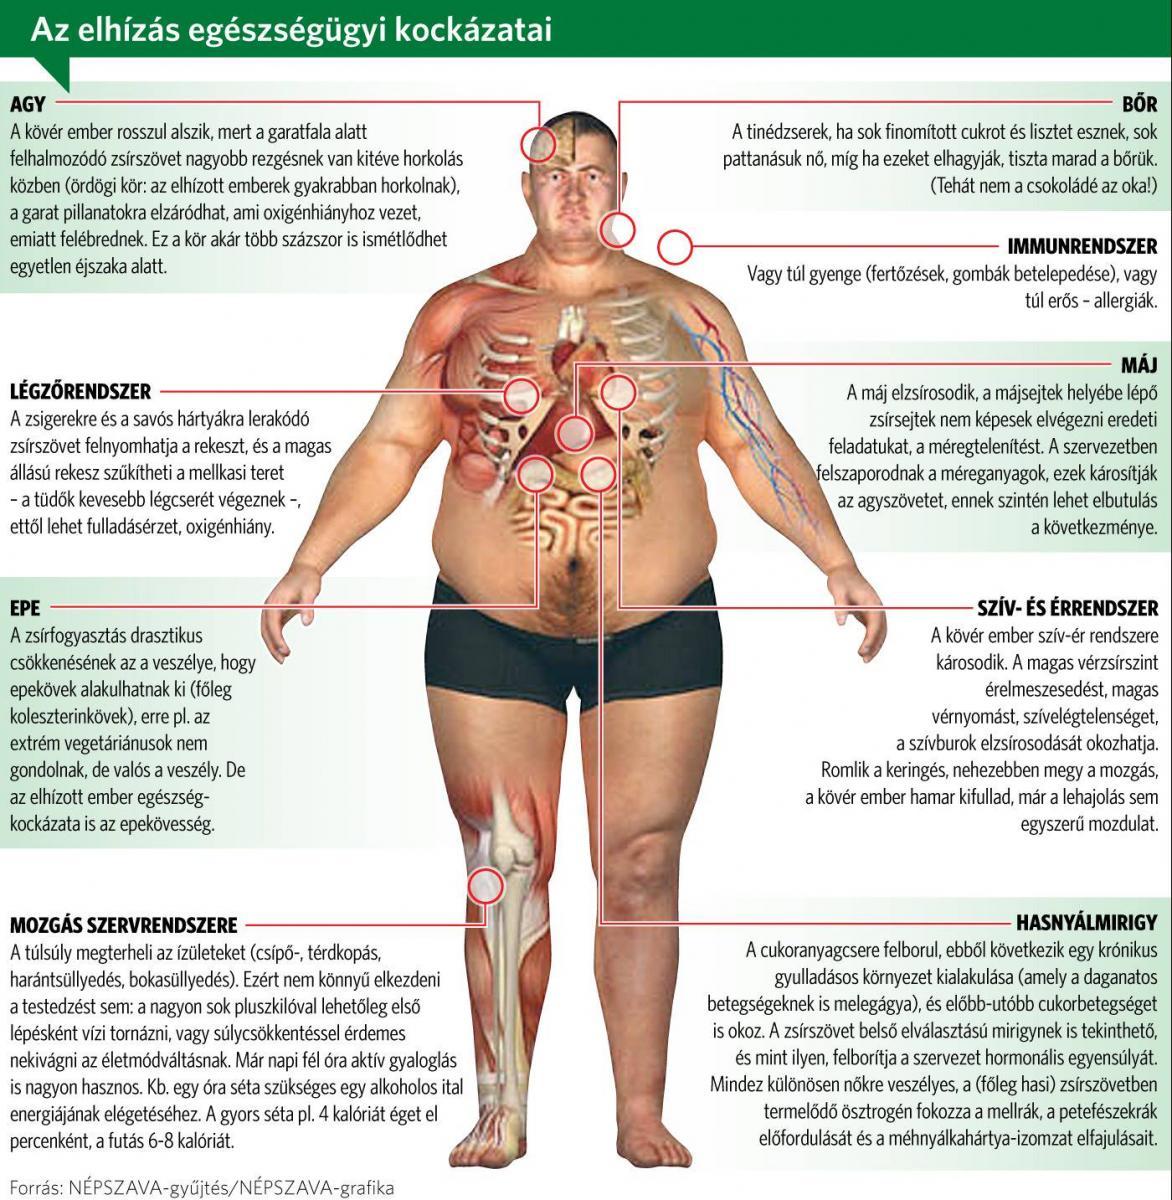 a kórosan elhízott fogyni akar